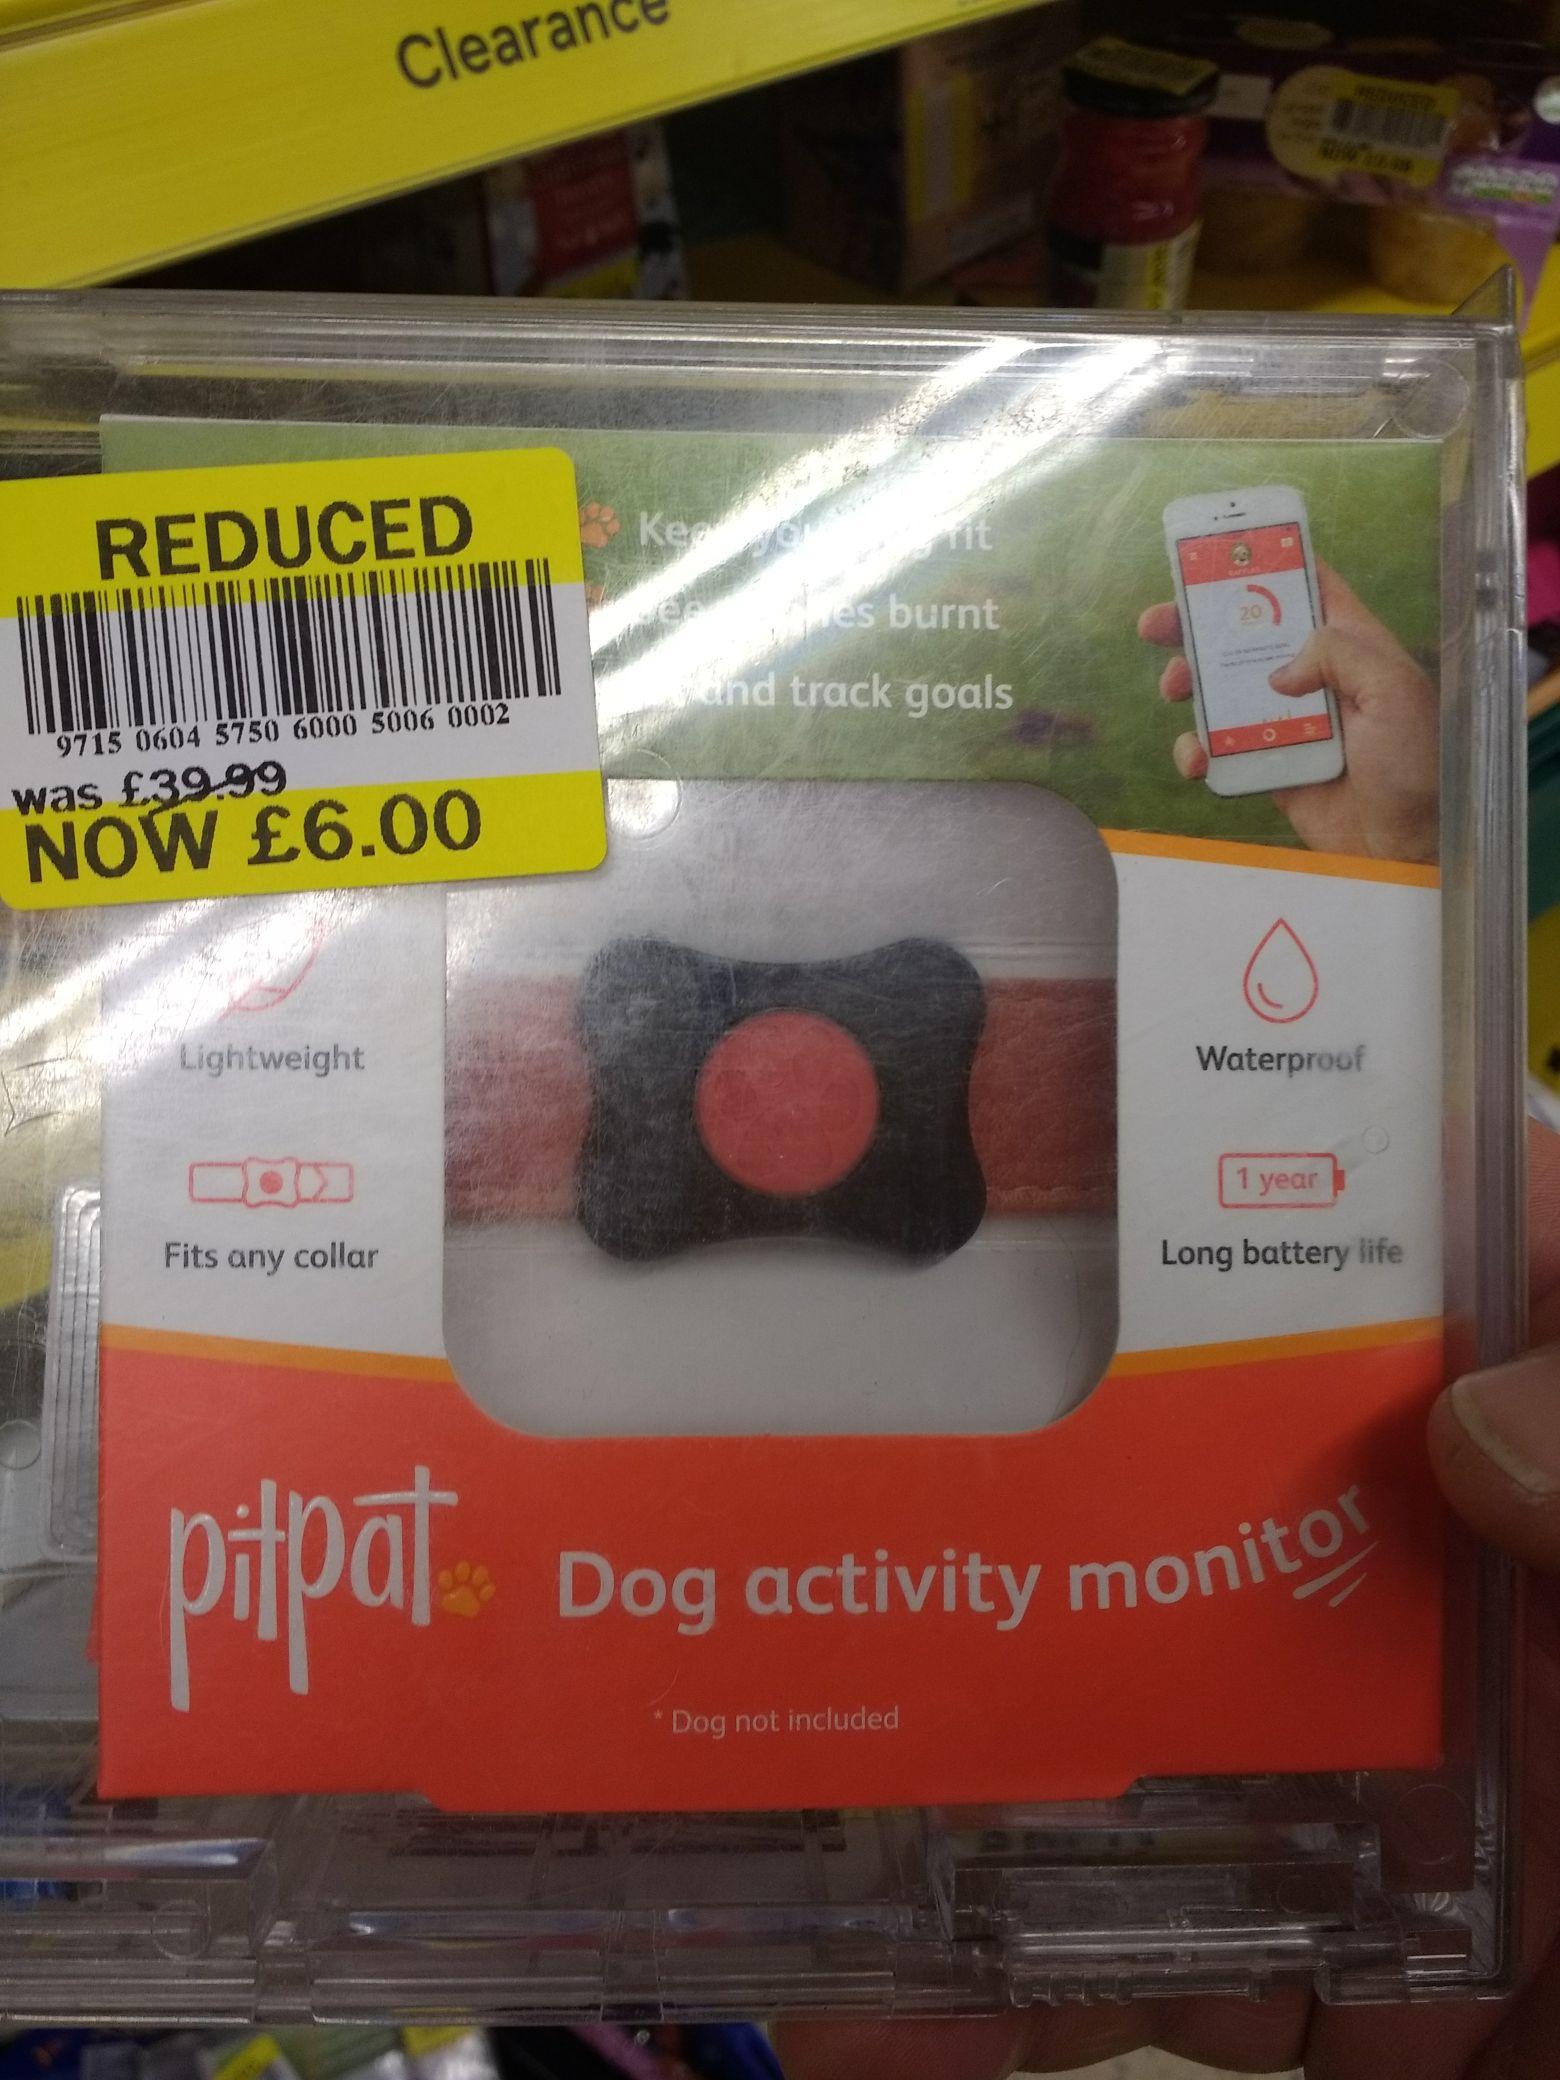 Pitapat Dog activity monitor reduced to £6 at Tesco.